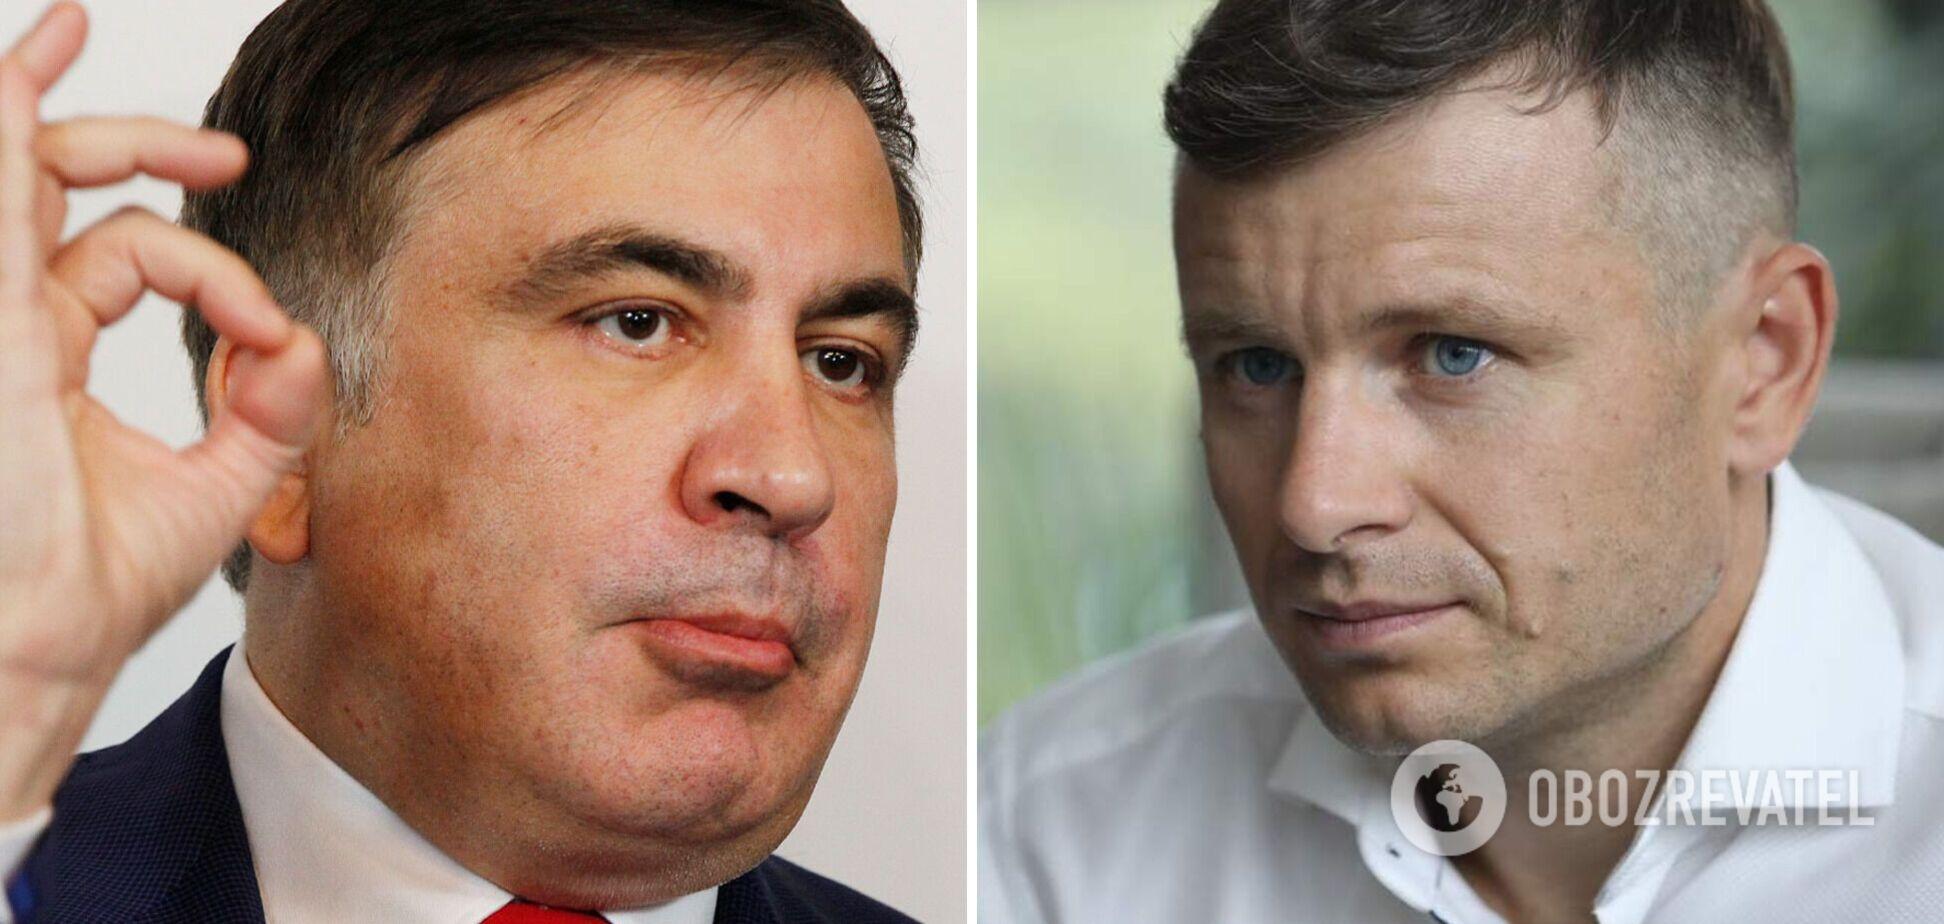 Глава Минфина назвал Саакашвили 'шулером и гастарбайтером', тот в ответ обозвал Марченко 'козявкой и ничтожеством'